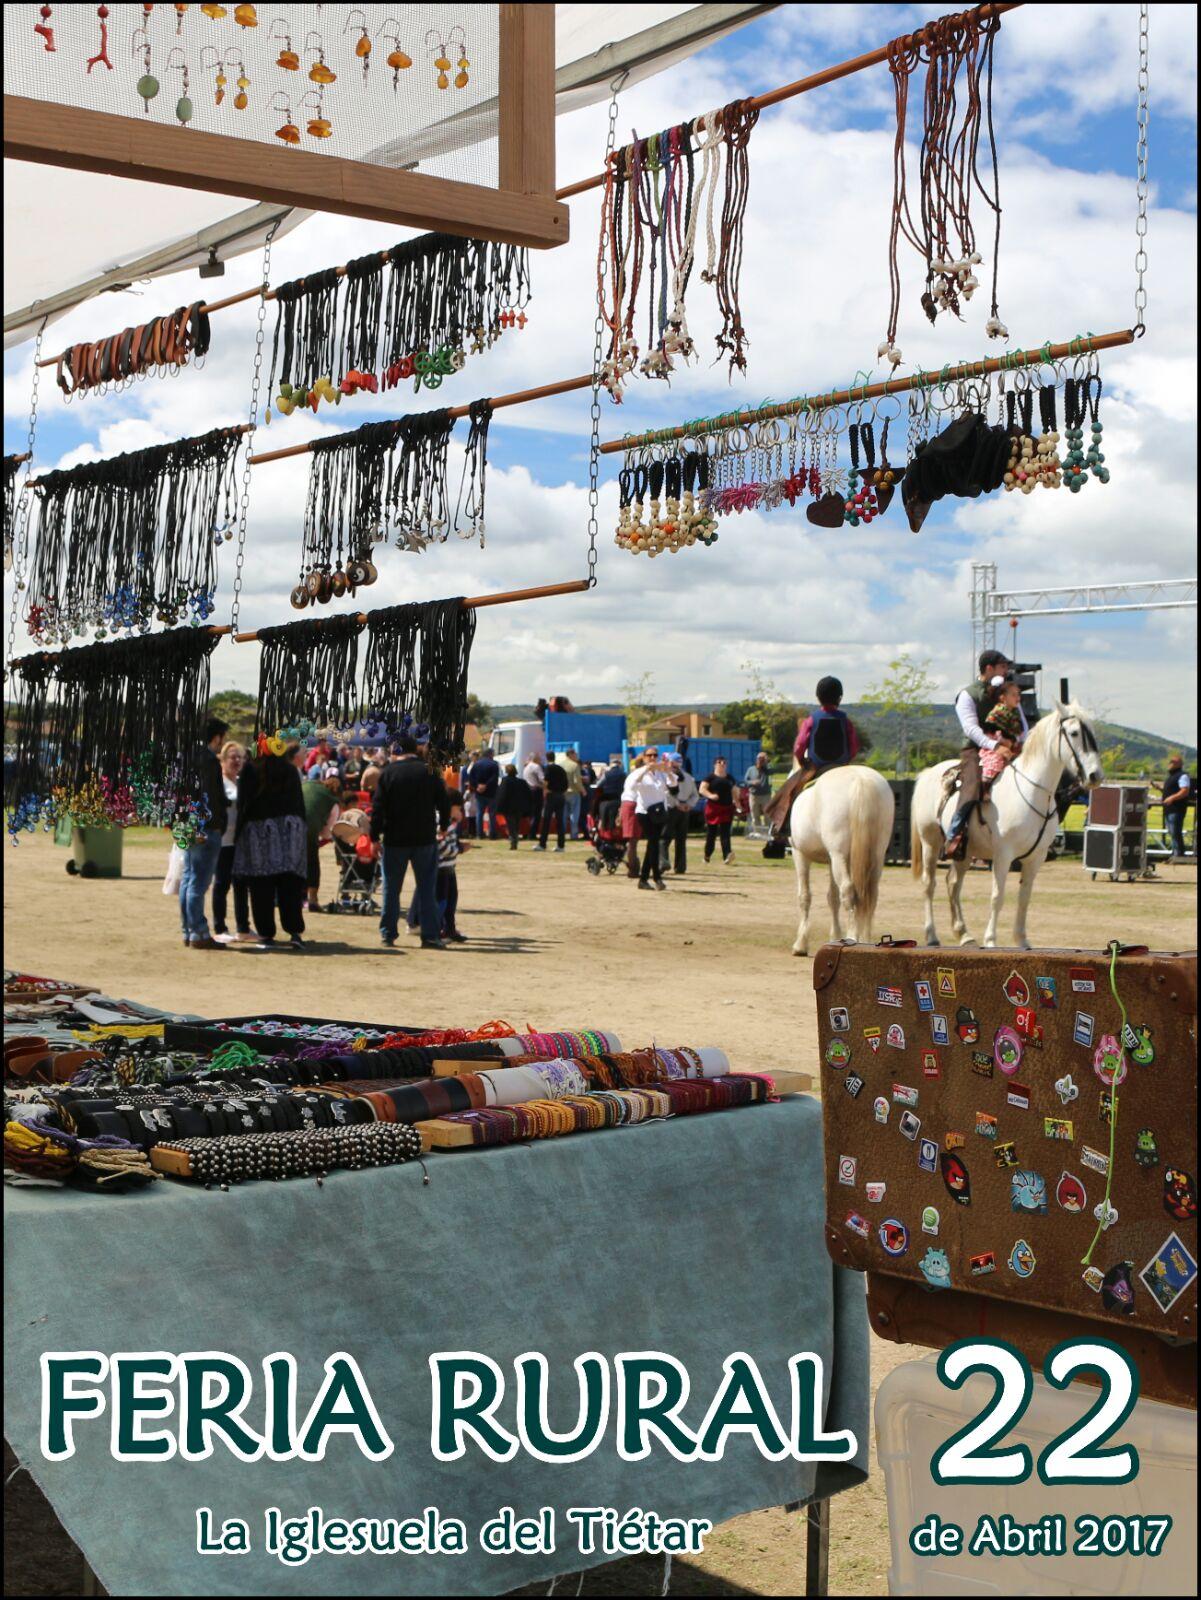 Imagen de la actividad XIII Edición de la Feria Rural en La Iglesuela